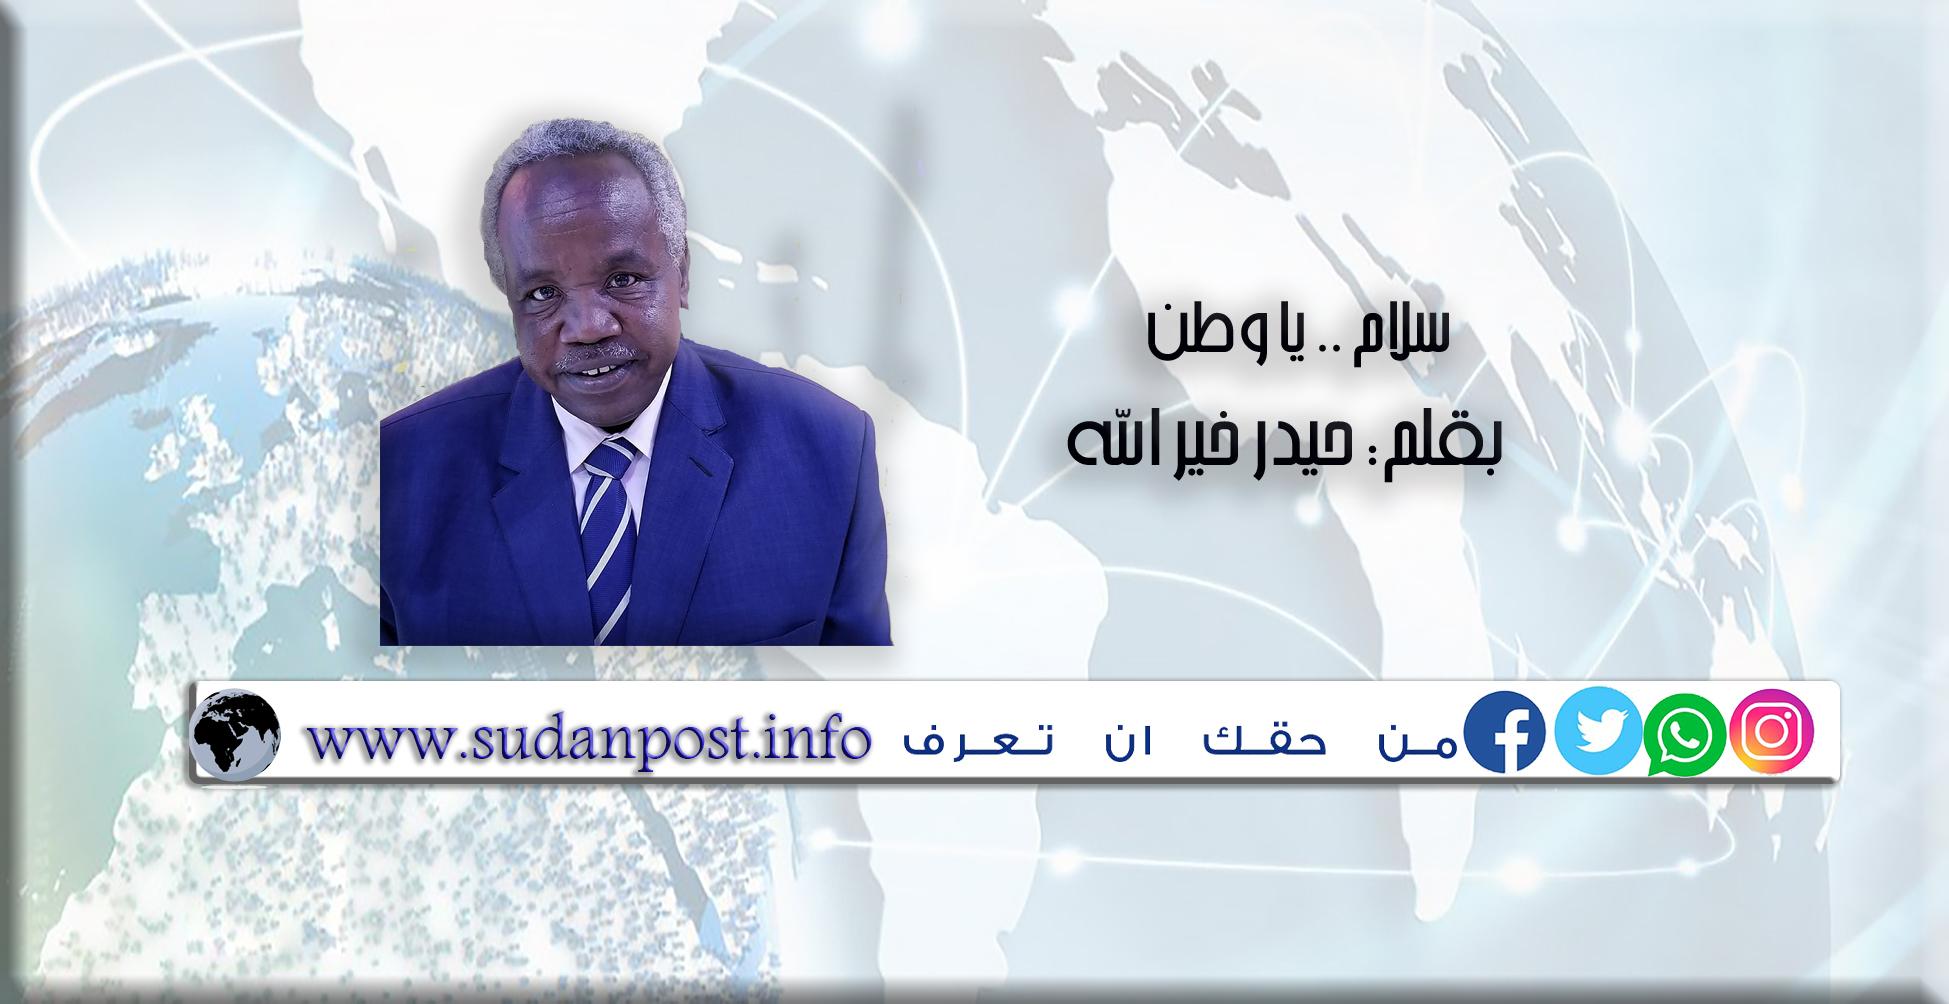 سلام يا وطن … بقلم: حيدر أحمد خيرالله .. طيورأم زعيبر السياسية و اختطاف الثورة !!